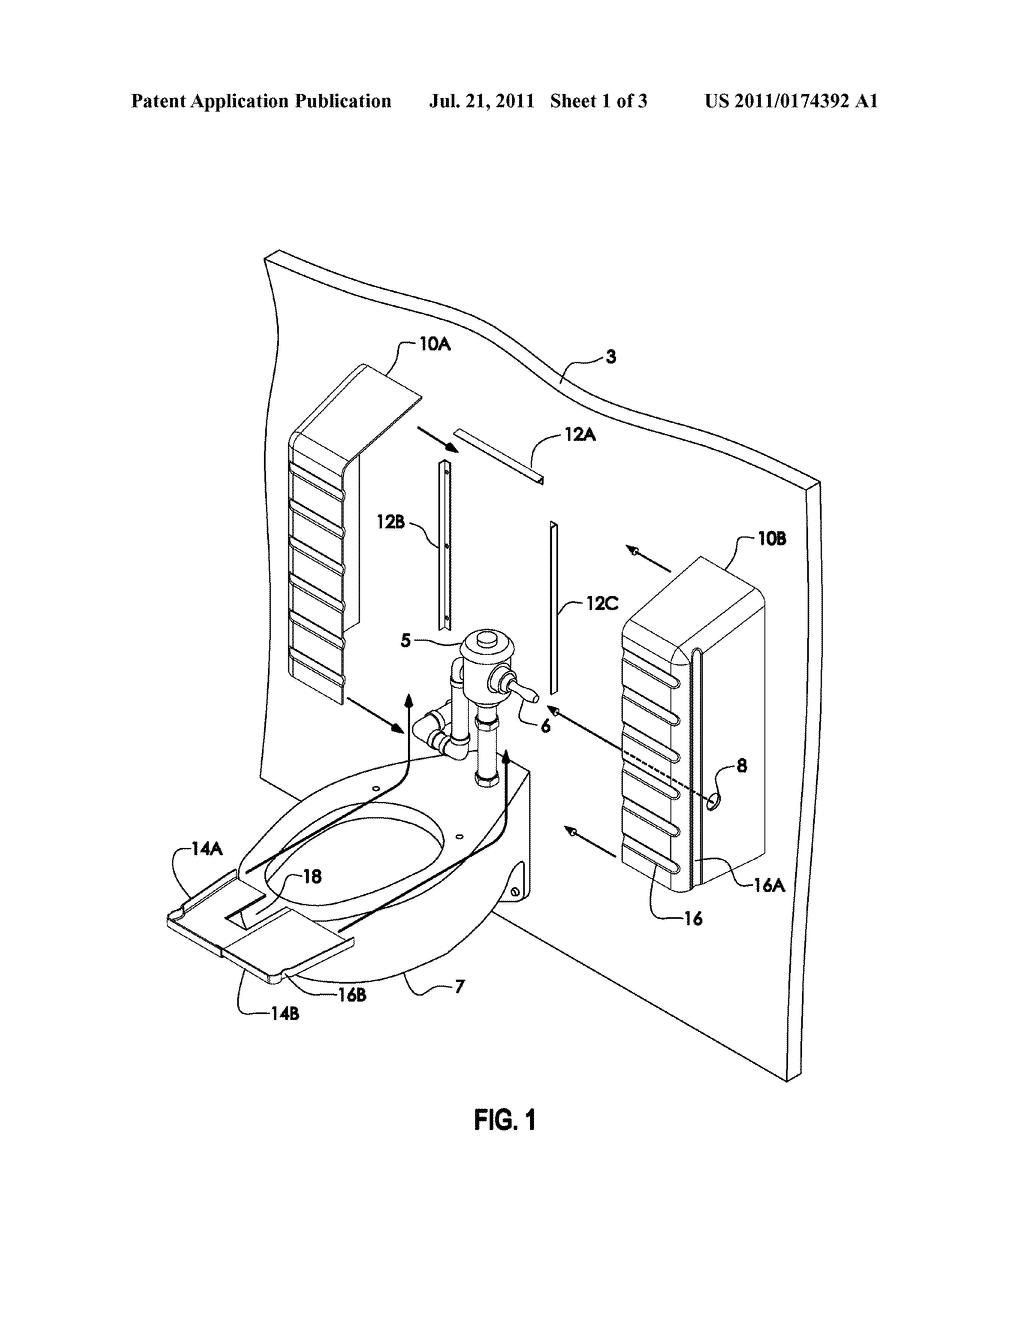 Es 4221 Riser Diagram For Plumbing Free Diagram